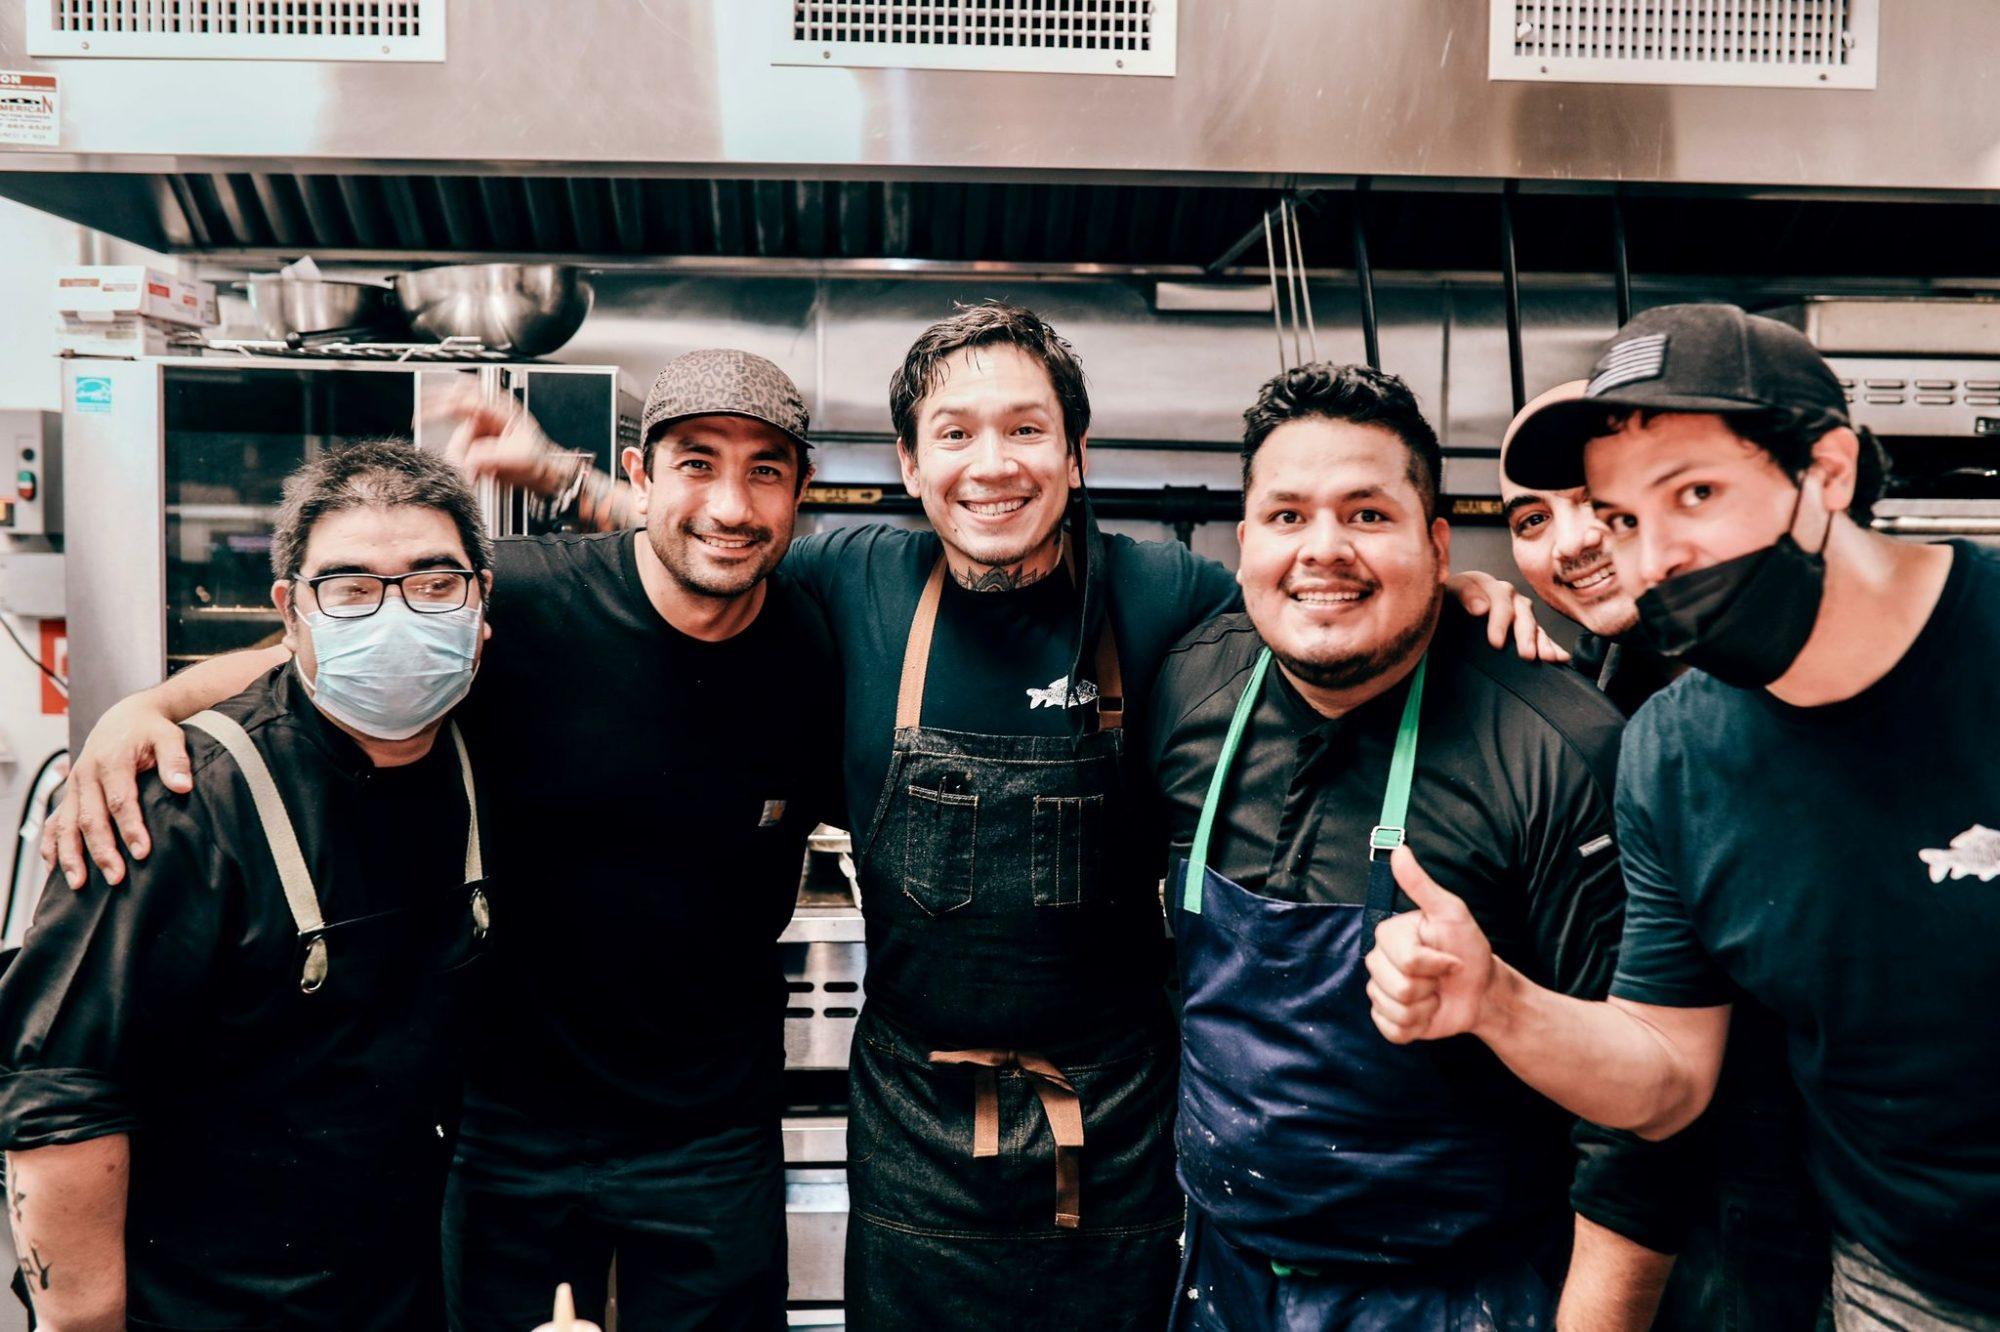 Aldo Shimabukuro Erick ramirez de llama INN restaurant Edwin Guzman Luis Romero y Adolfo Gosalvez